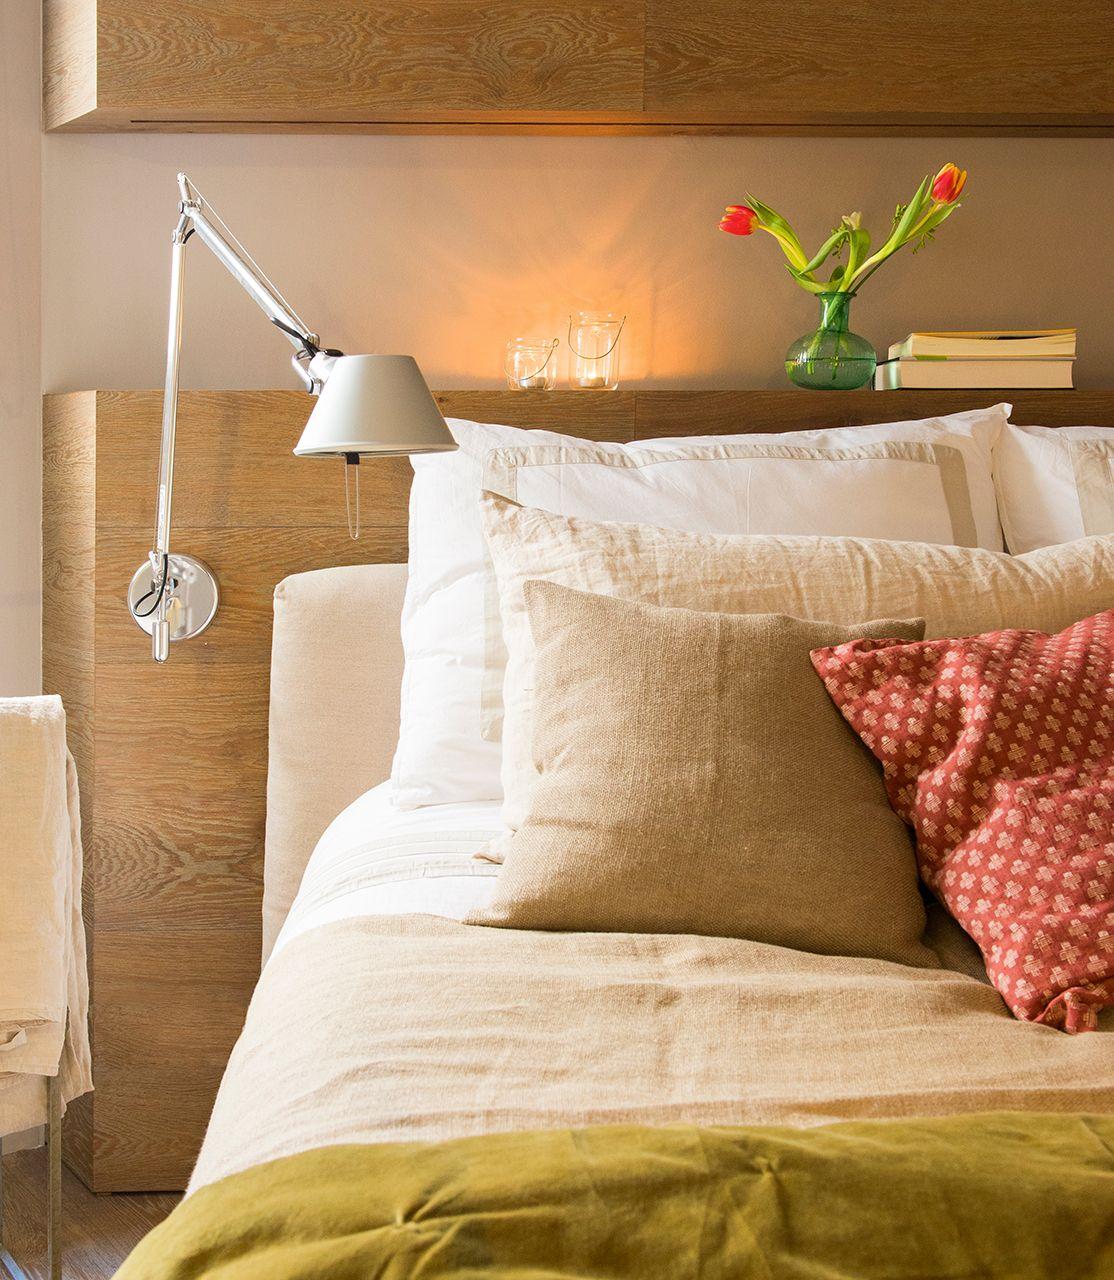 mirada detallada estilo de moda de 2019 textura clara En la cama Funda nórdica de Zara Home. Plaid y cojines de ...